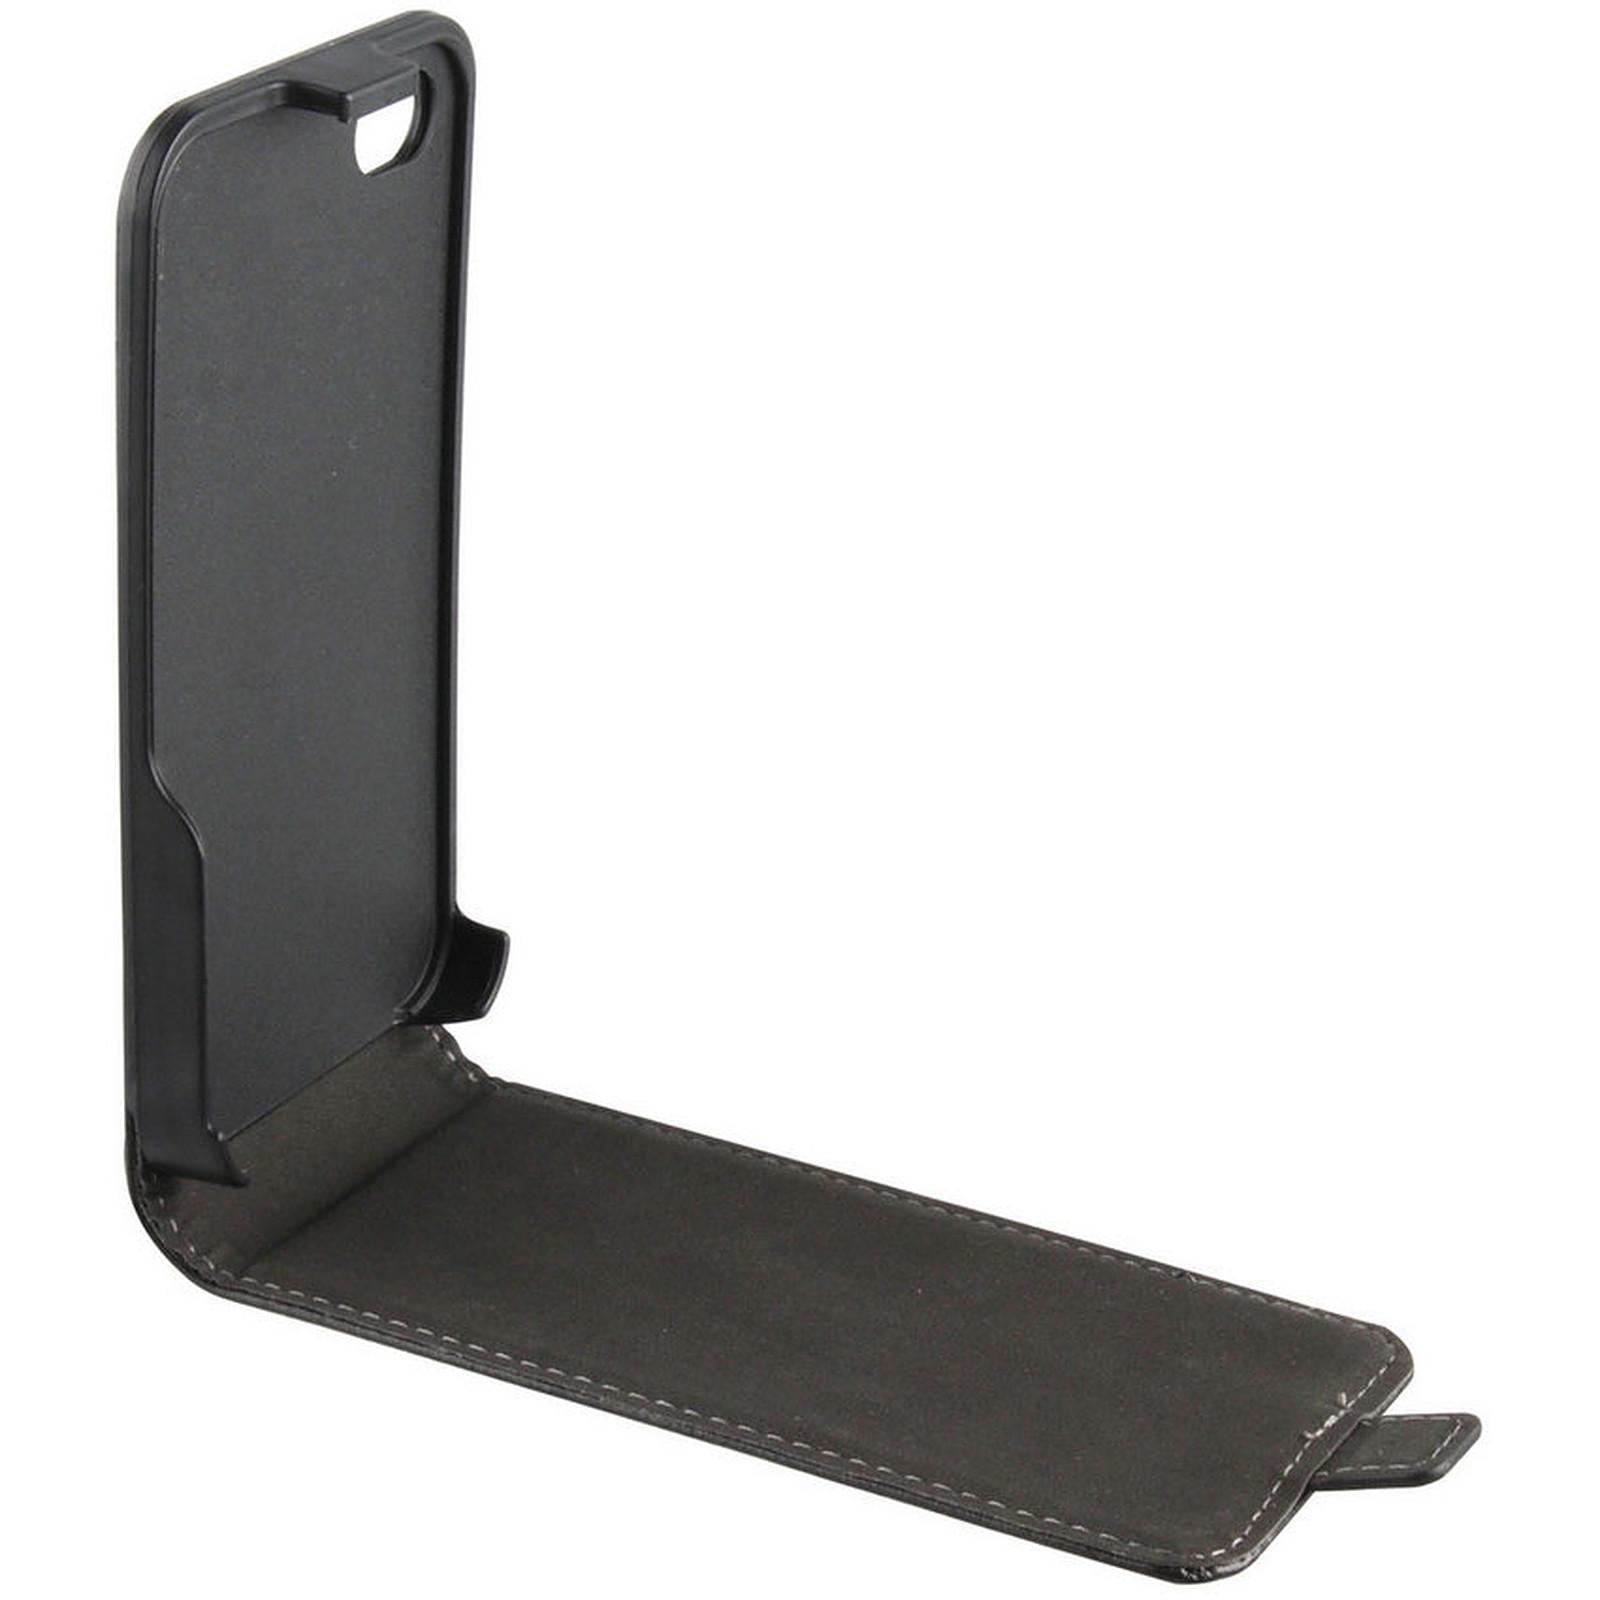 xqisit FlipCover Noir pour iPhone 4/4S